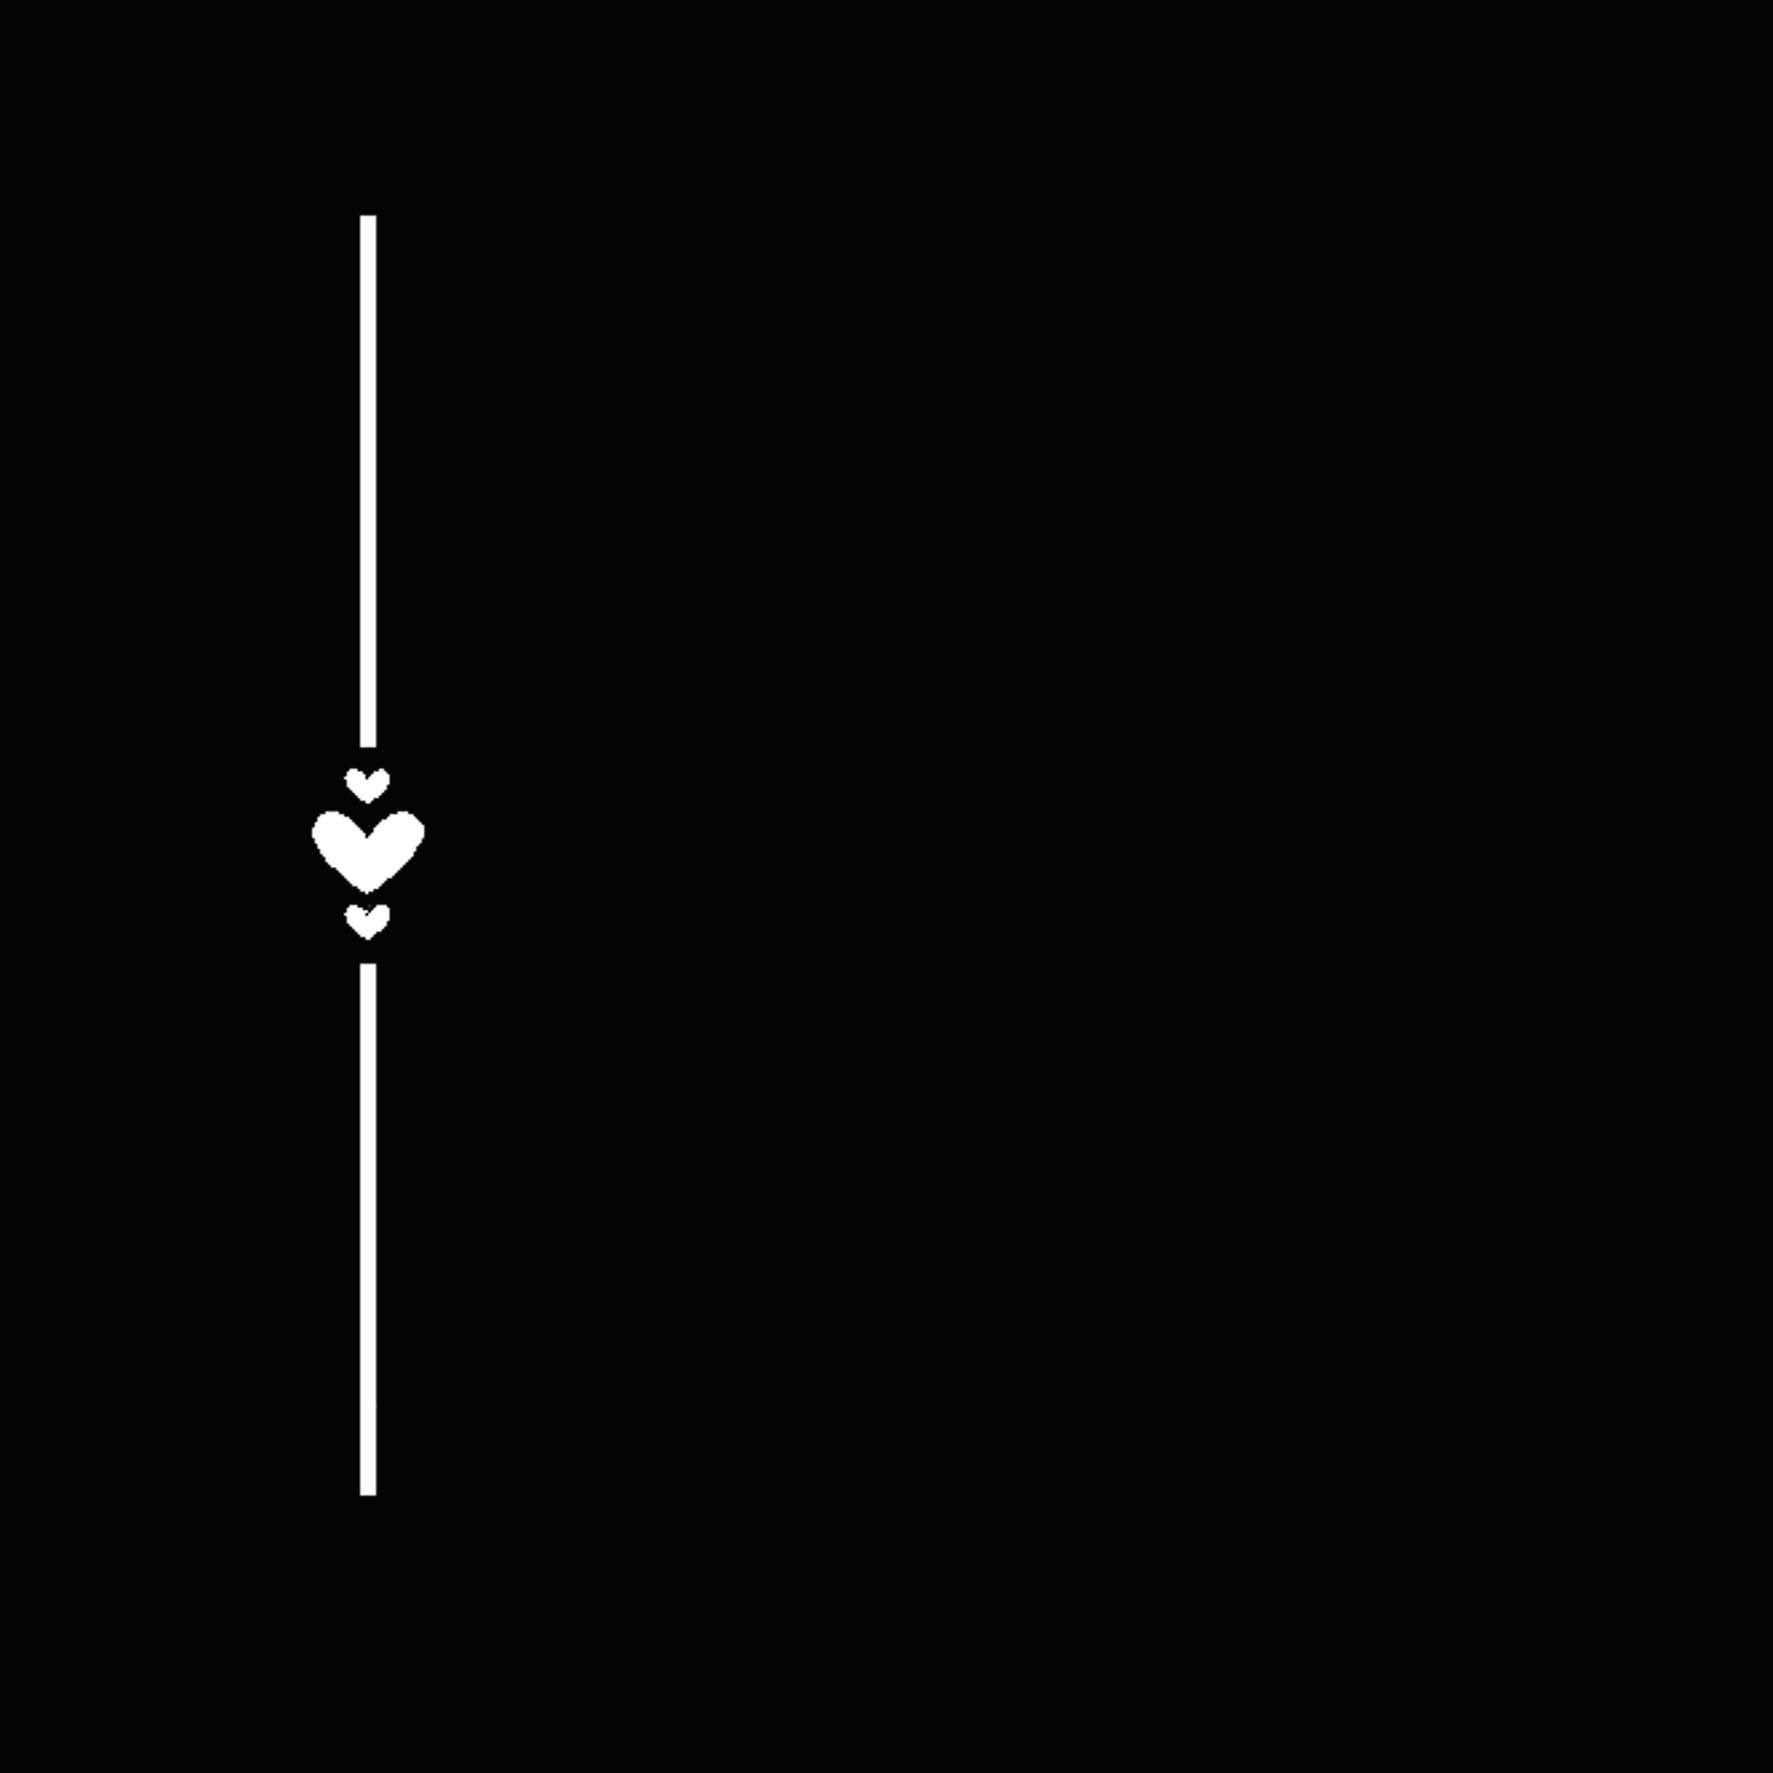 White Line Border Overlays Doodle Frames Creation Logo Png